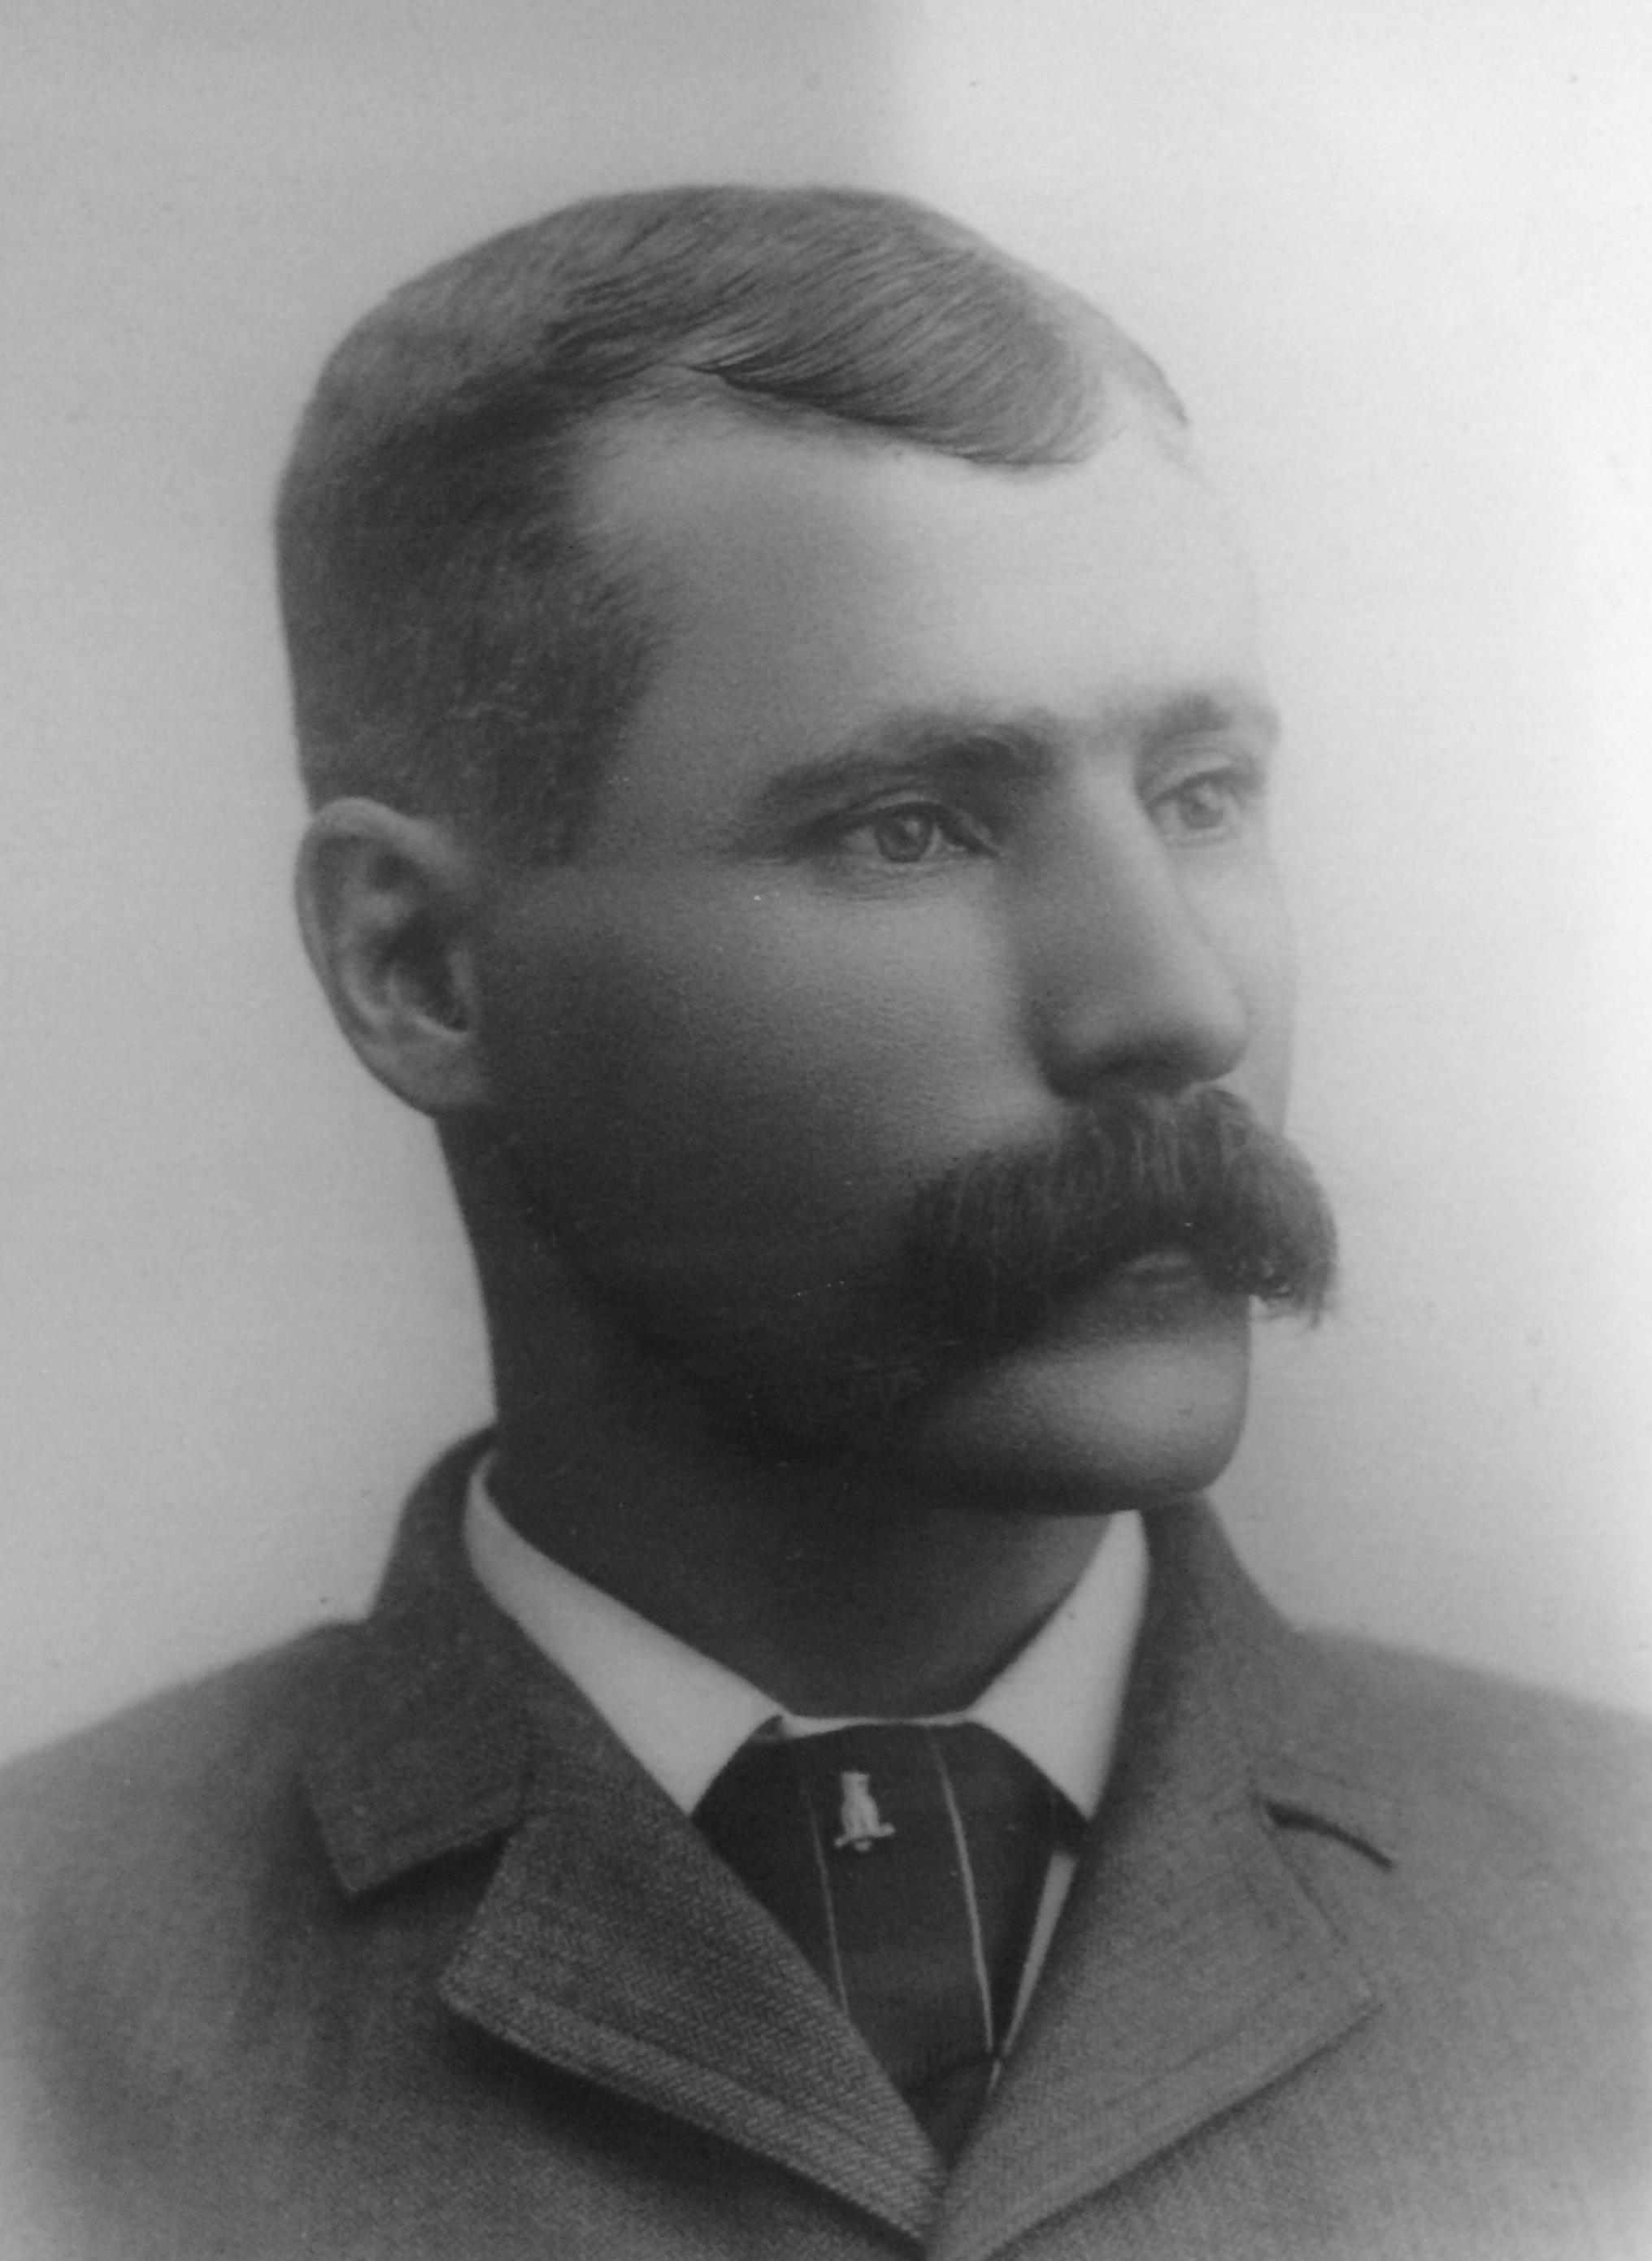 Mann, Oscar L.